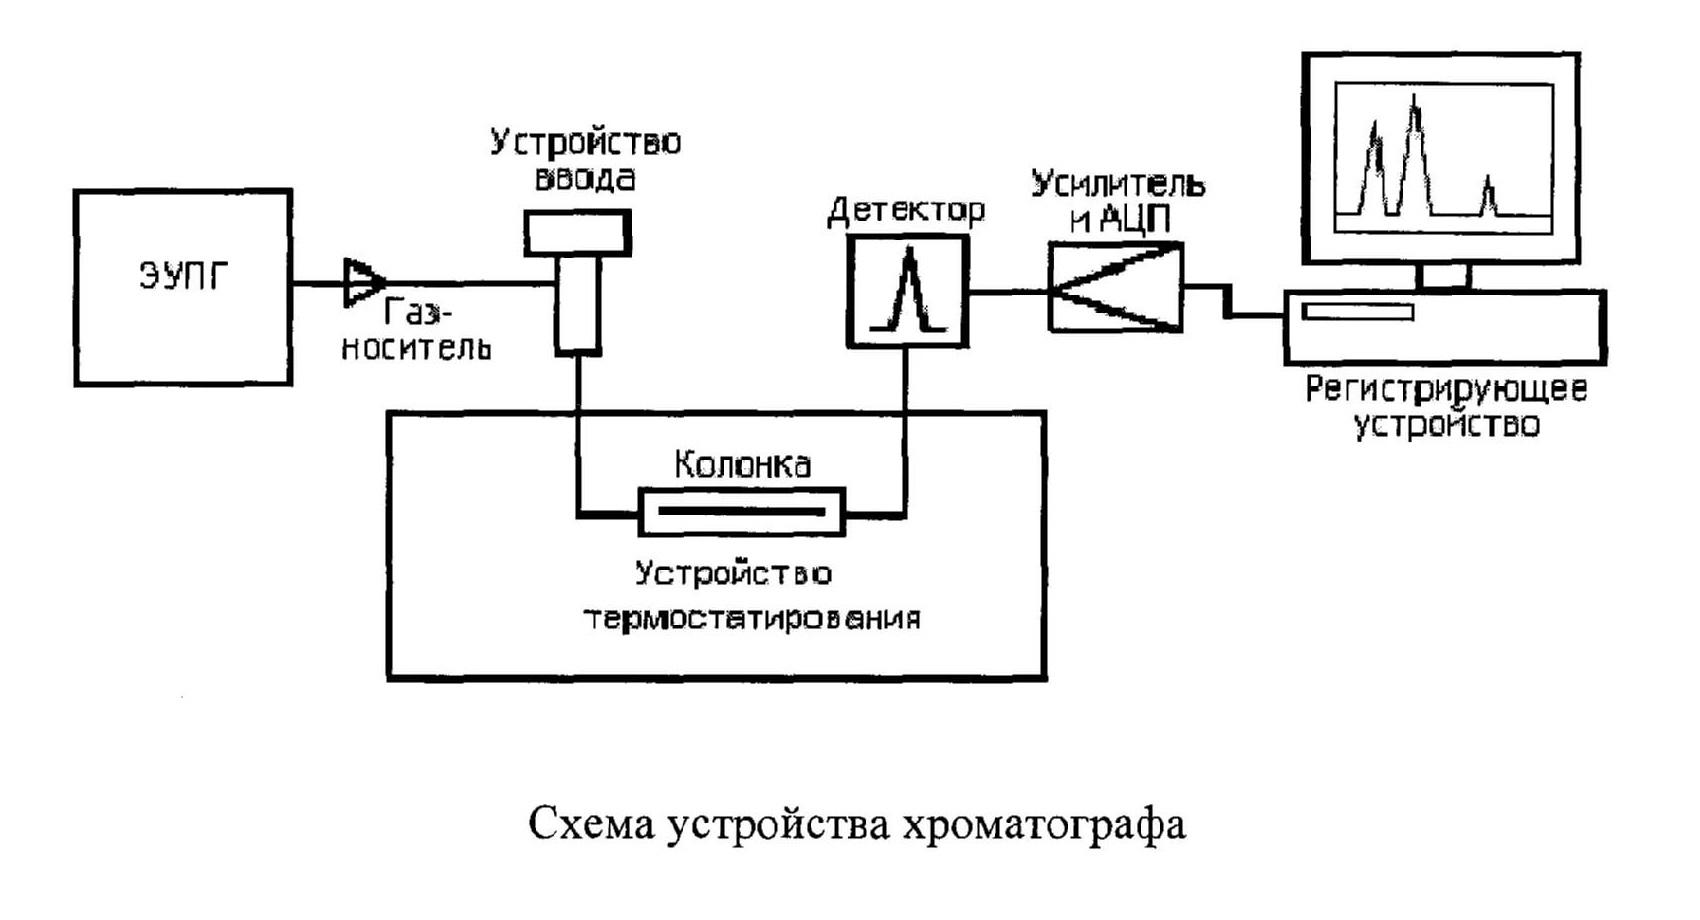 Схема устройства хроматографа